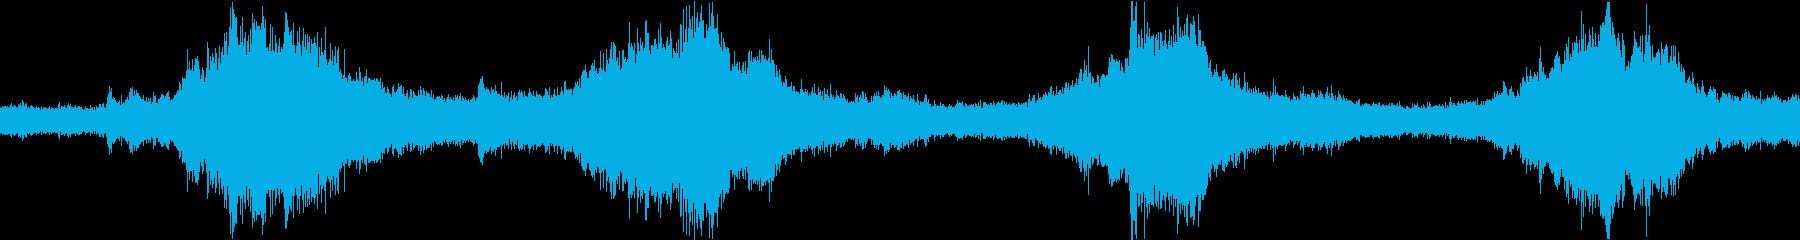 波海クラッシュコーブの再生済みの波形